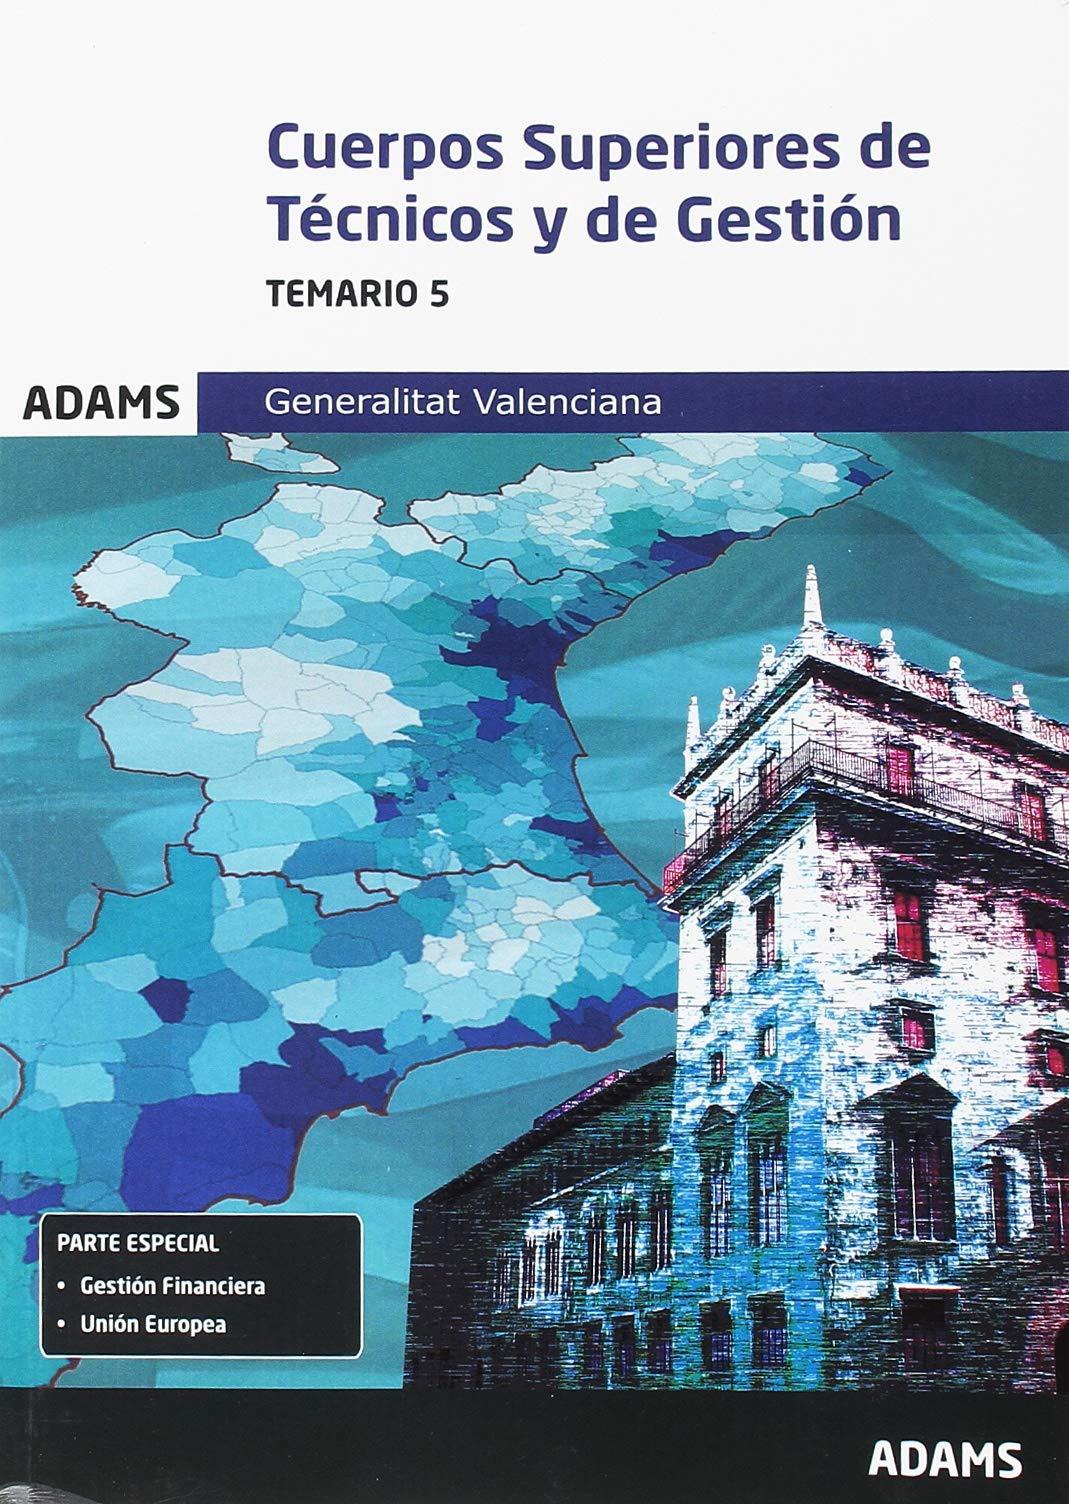 Temario 5 Cuerpos Superiores de Técnicos y de Gestión de la Generalitat Valenciana Tapa blanda – 13 jun 2017 Obra colectiva Adams 8491471766 Public administration